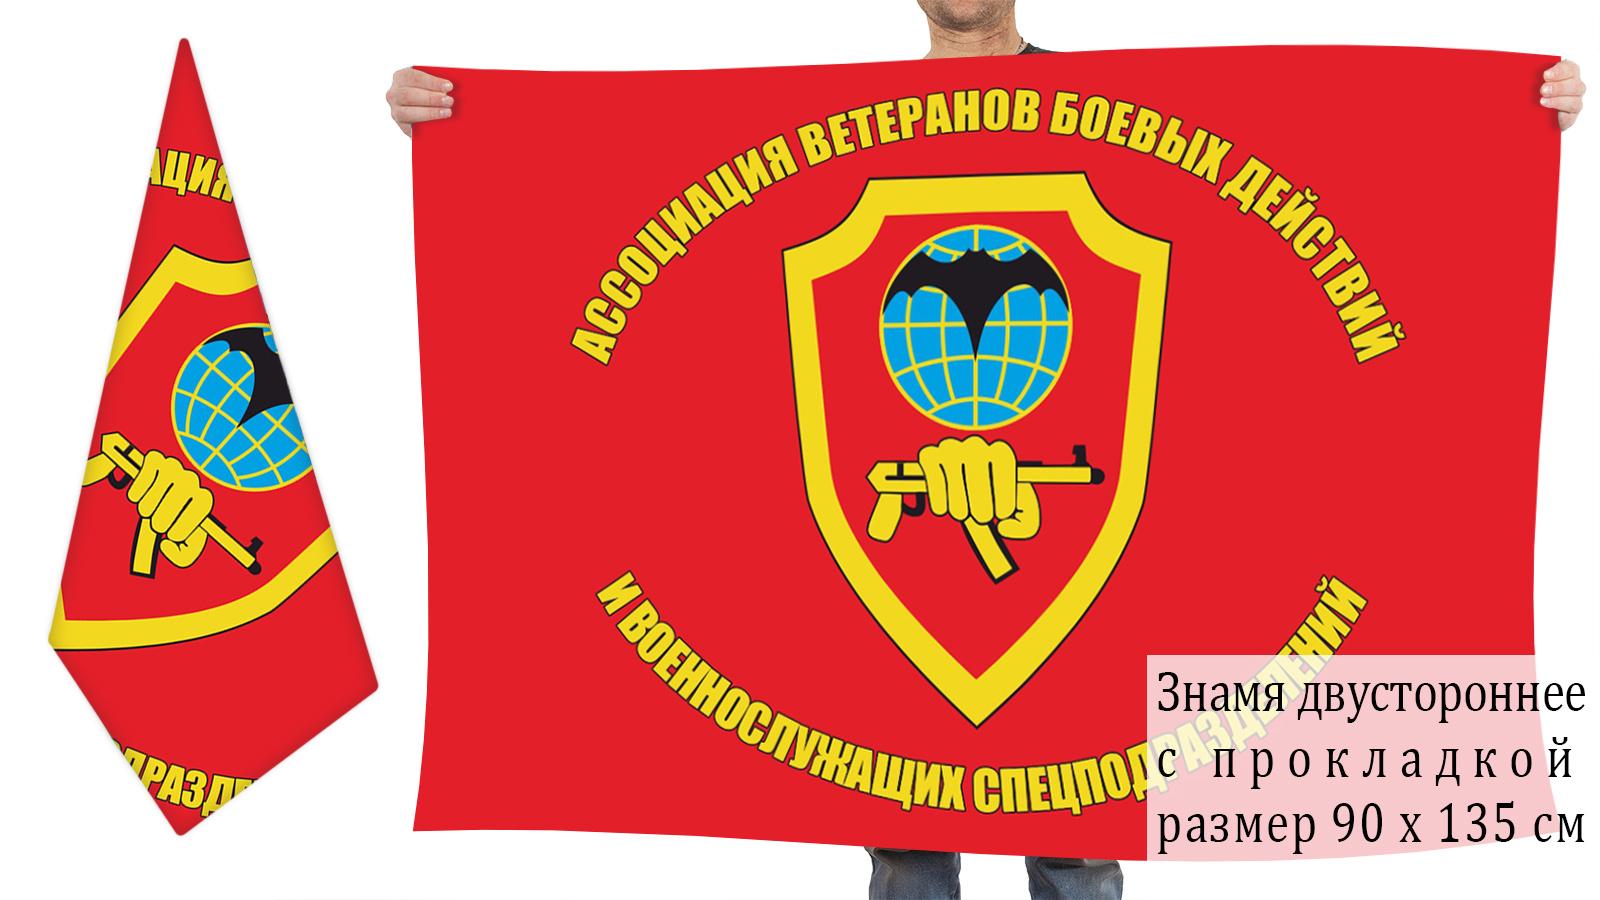 Двусторонний флаг ветеранов БД и военнослужащих спецподразделений